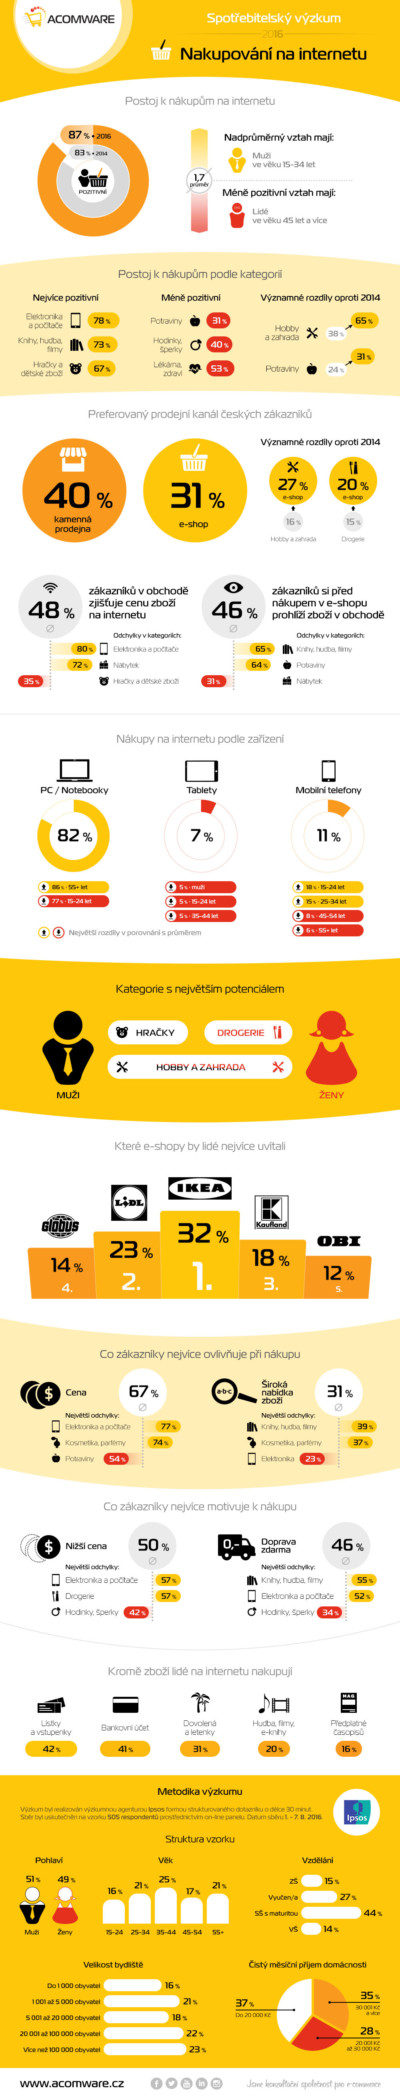 Infografika-AW-spotřebitelský-výzkum-2016